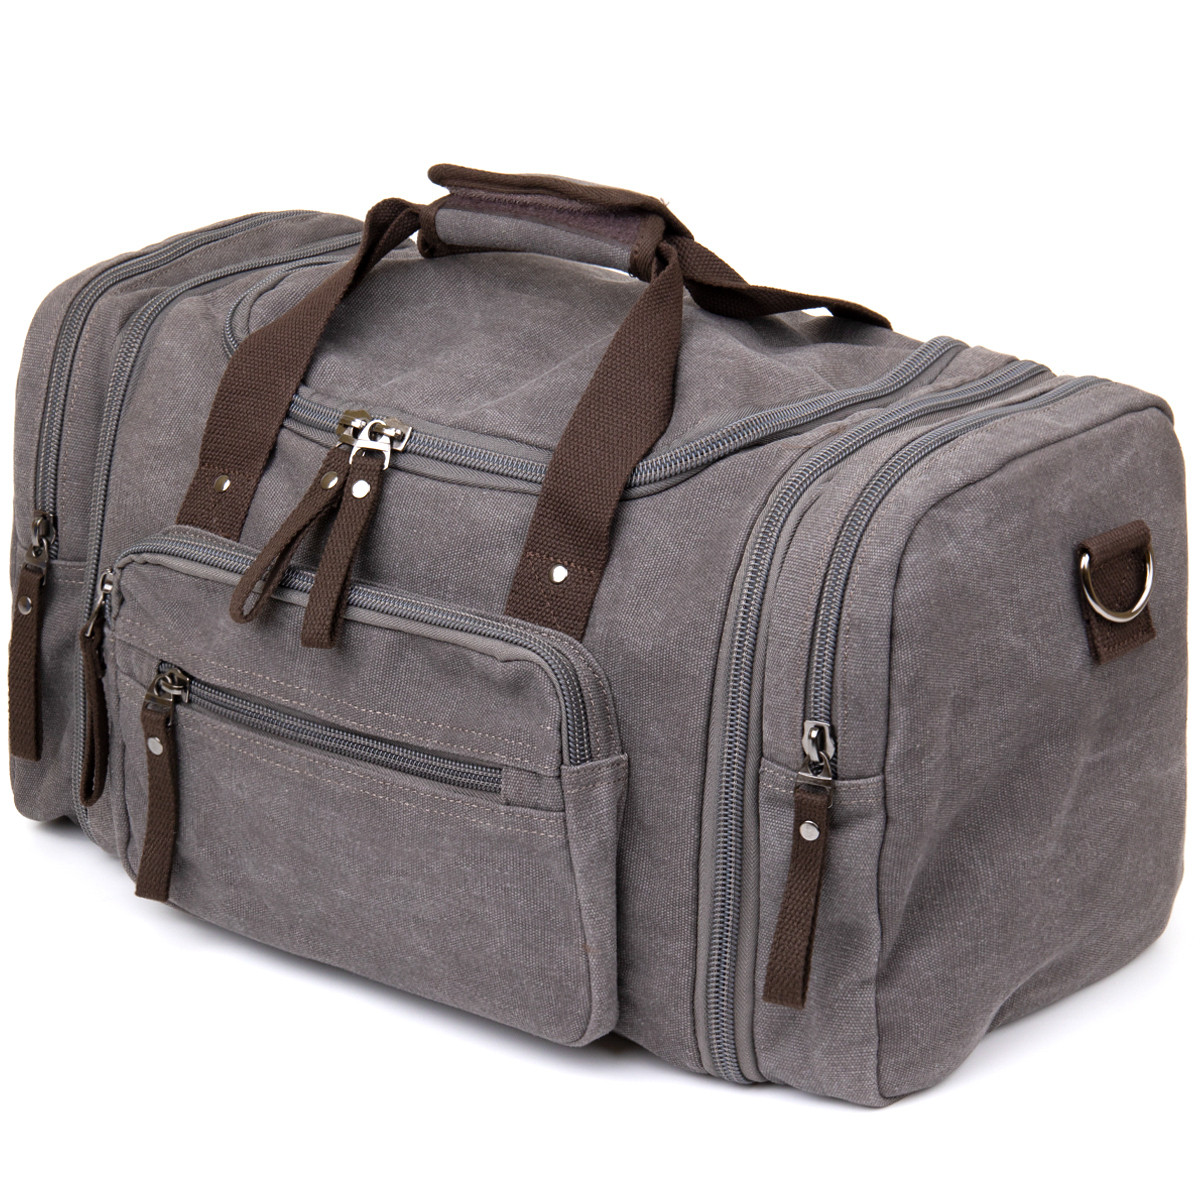 Дорожня сумка текстильна Vintage 20665 Сіра